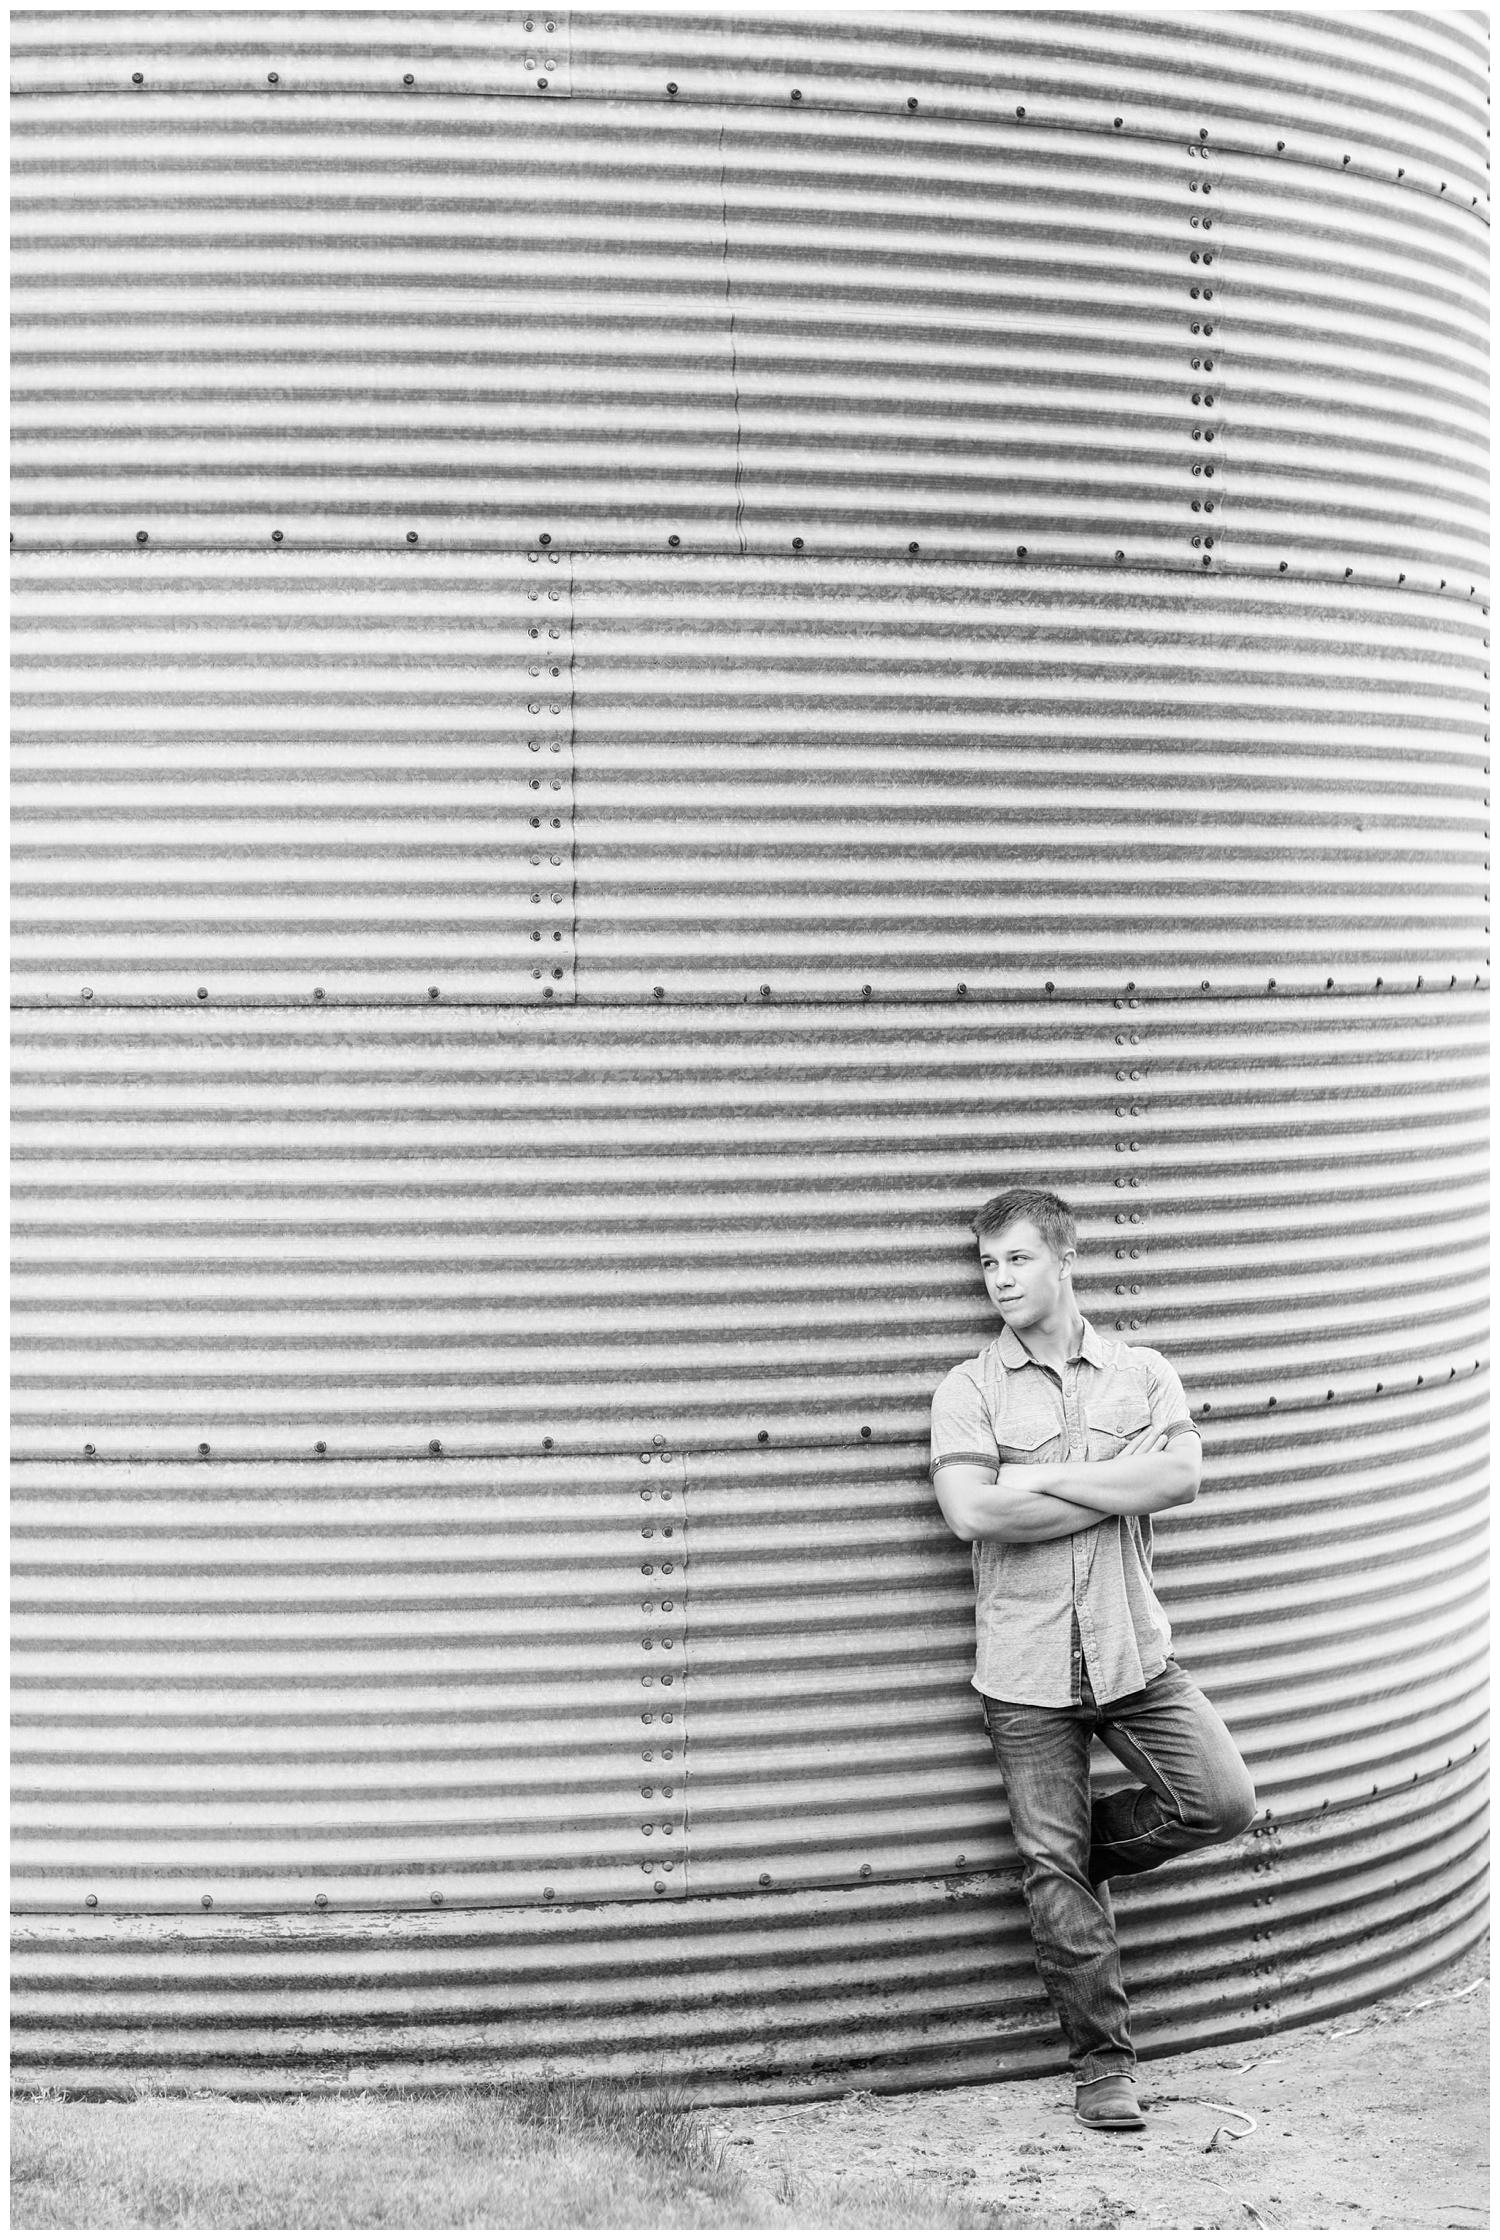 Senior boy leans against a grain bin a on rural Iowa farm   CB Studio